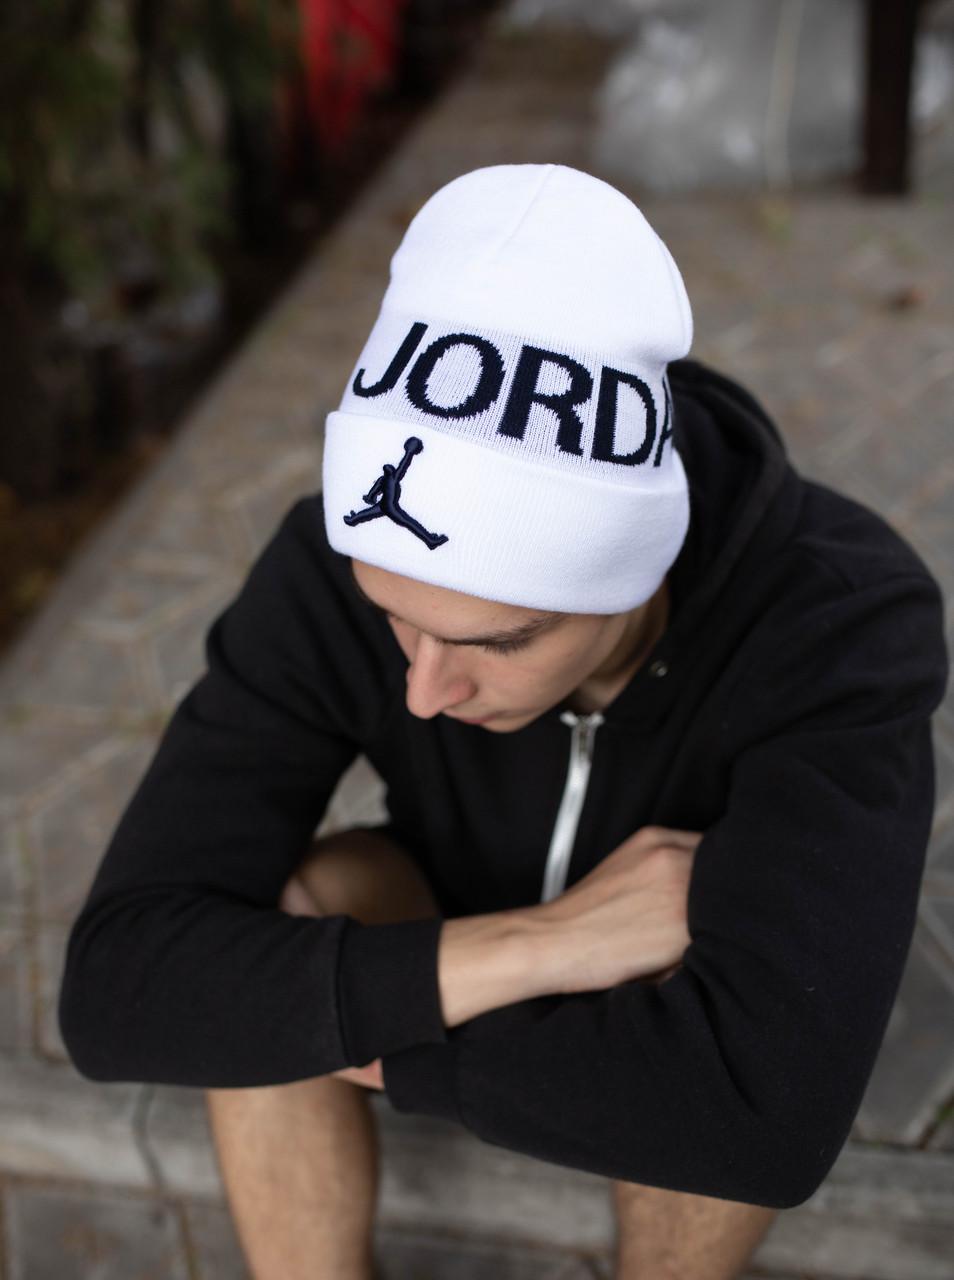 Шапка JORDAN/Шапка Джордан/шапка мужская/шапка женская/шапка белая